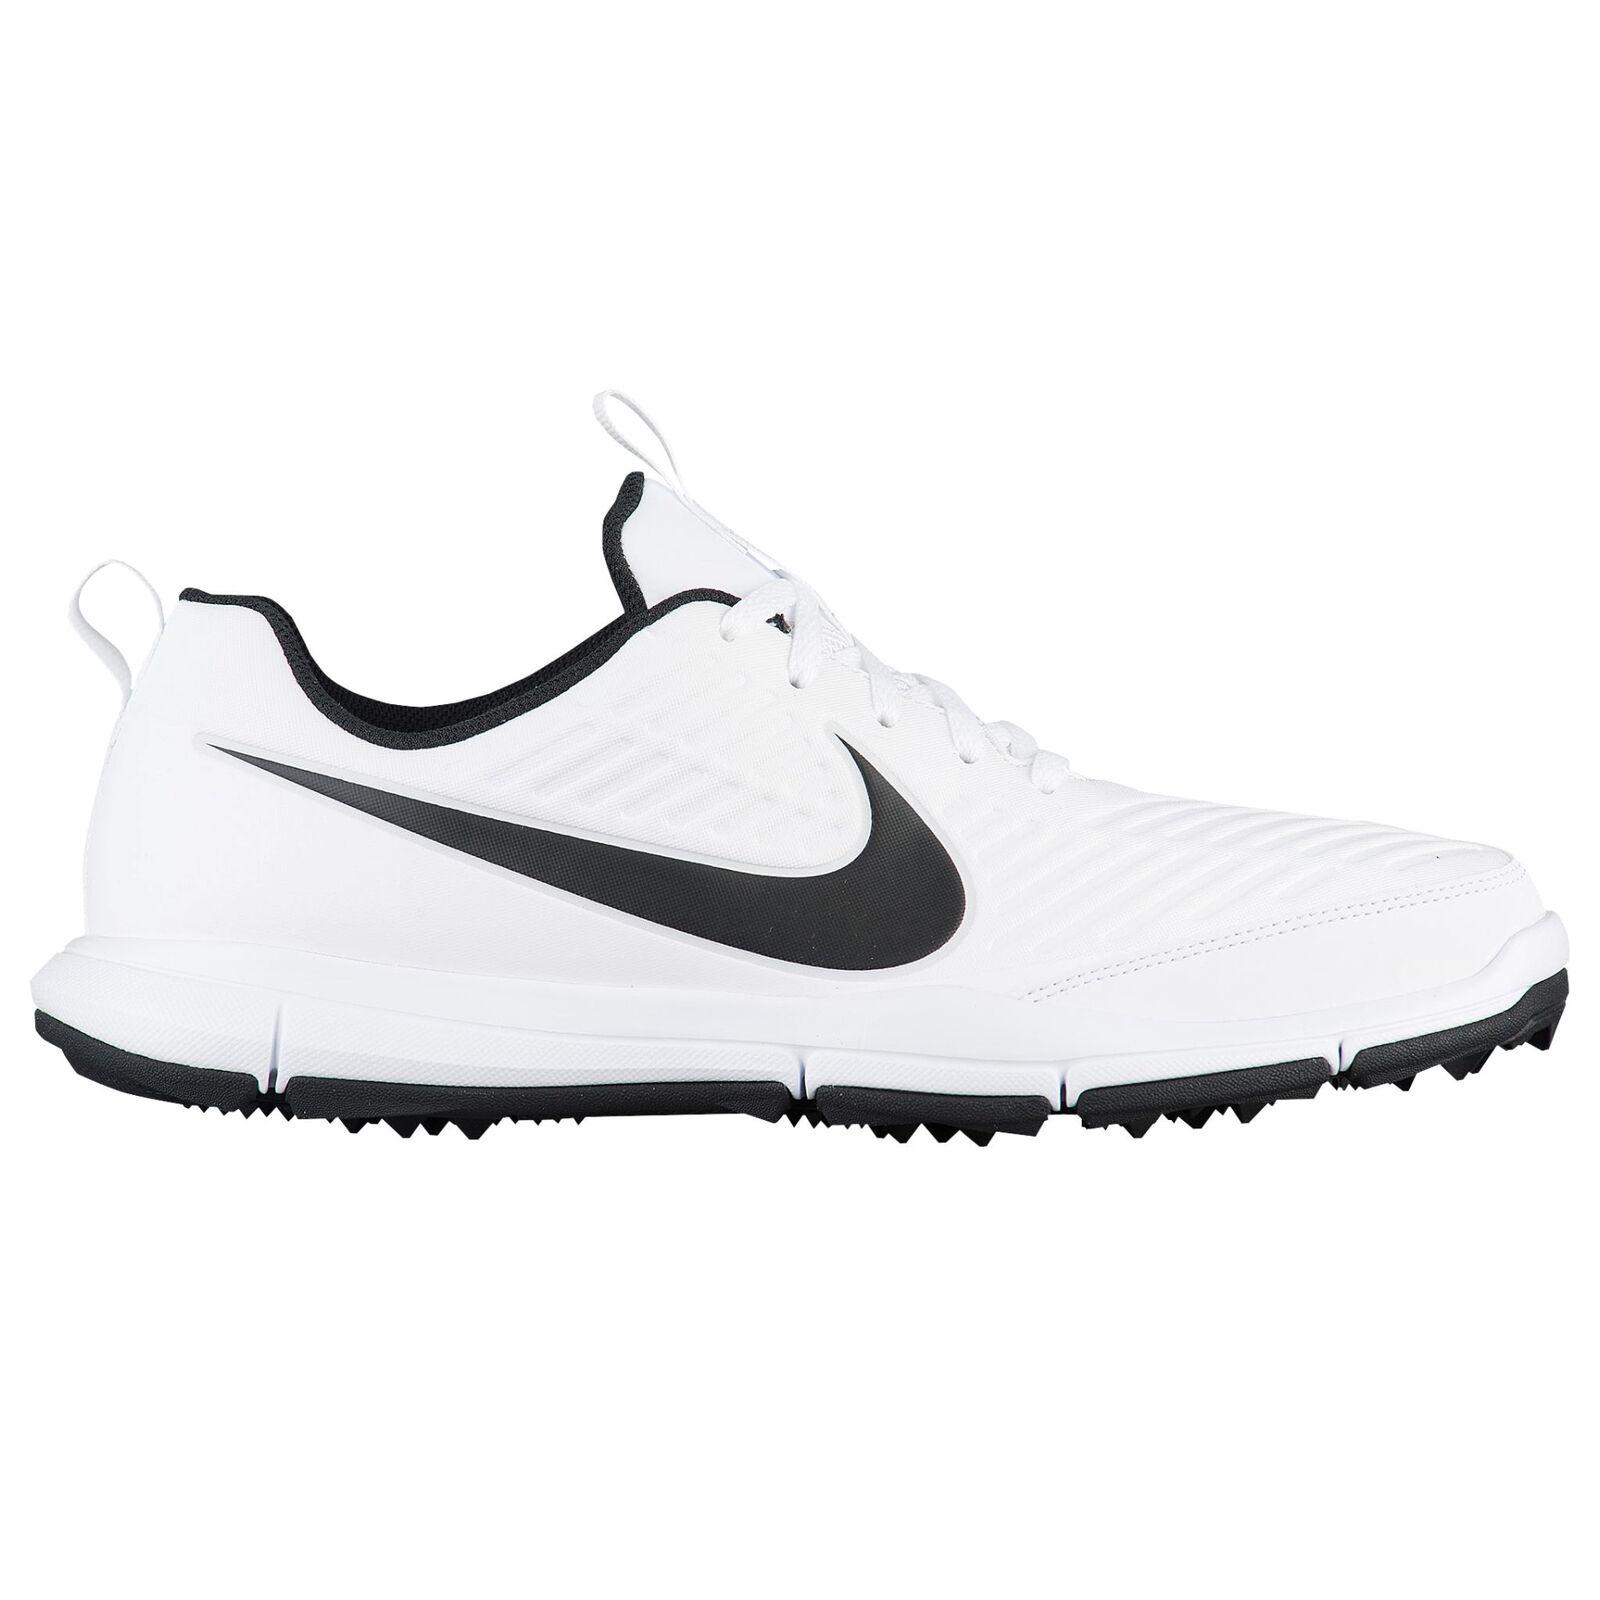 Nike explorer 2 uomini 849957-100 bianco nero golf acqua repellente scarpe da golf nero numero 13 abf912